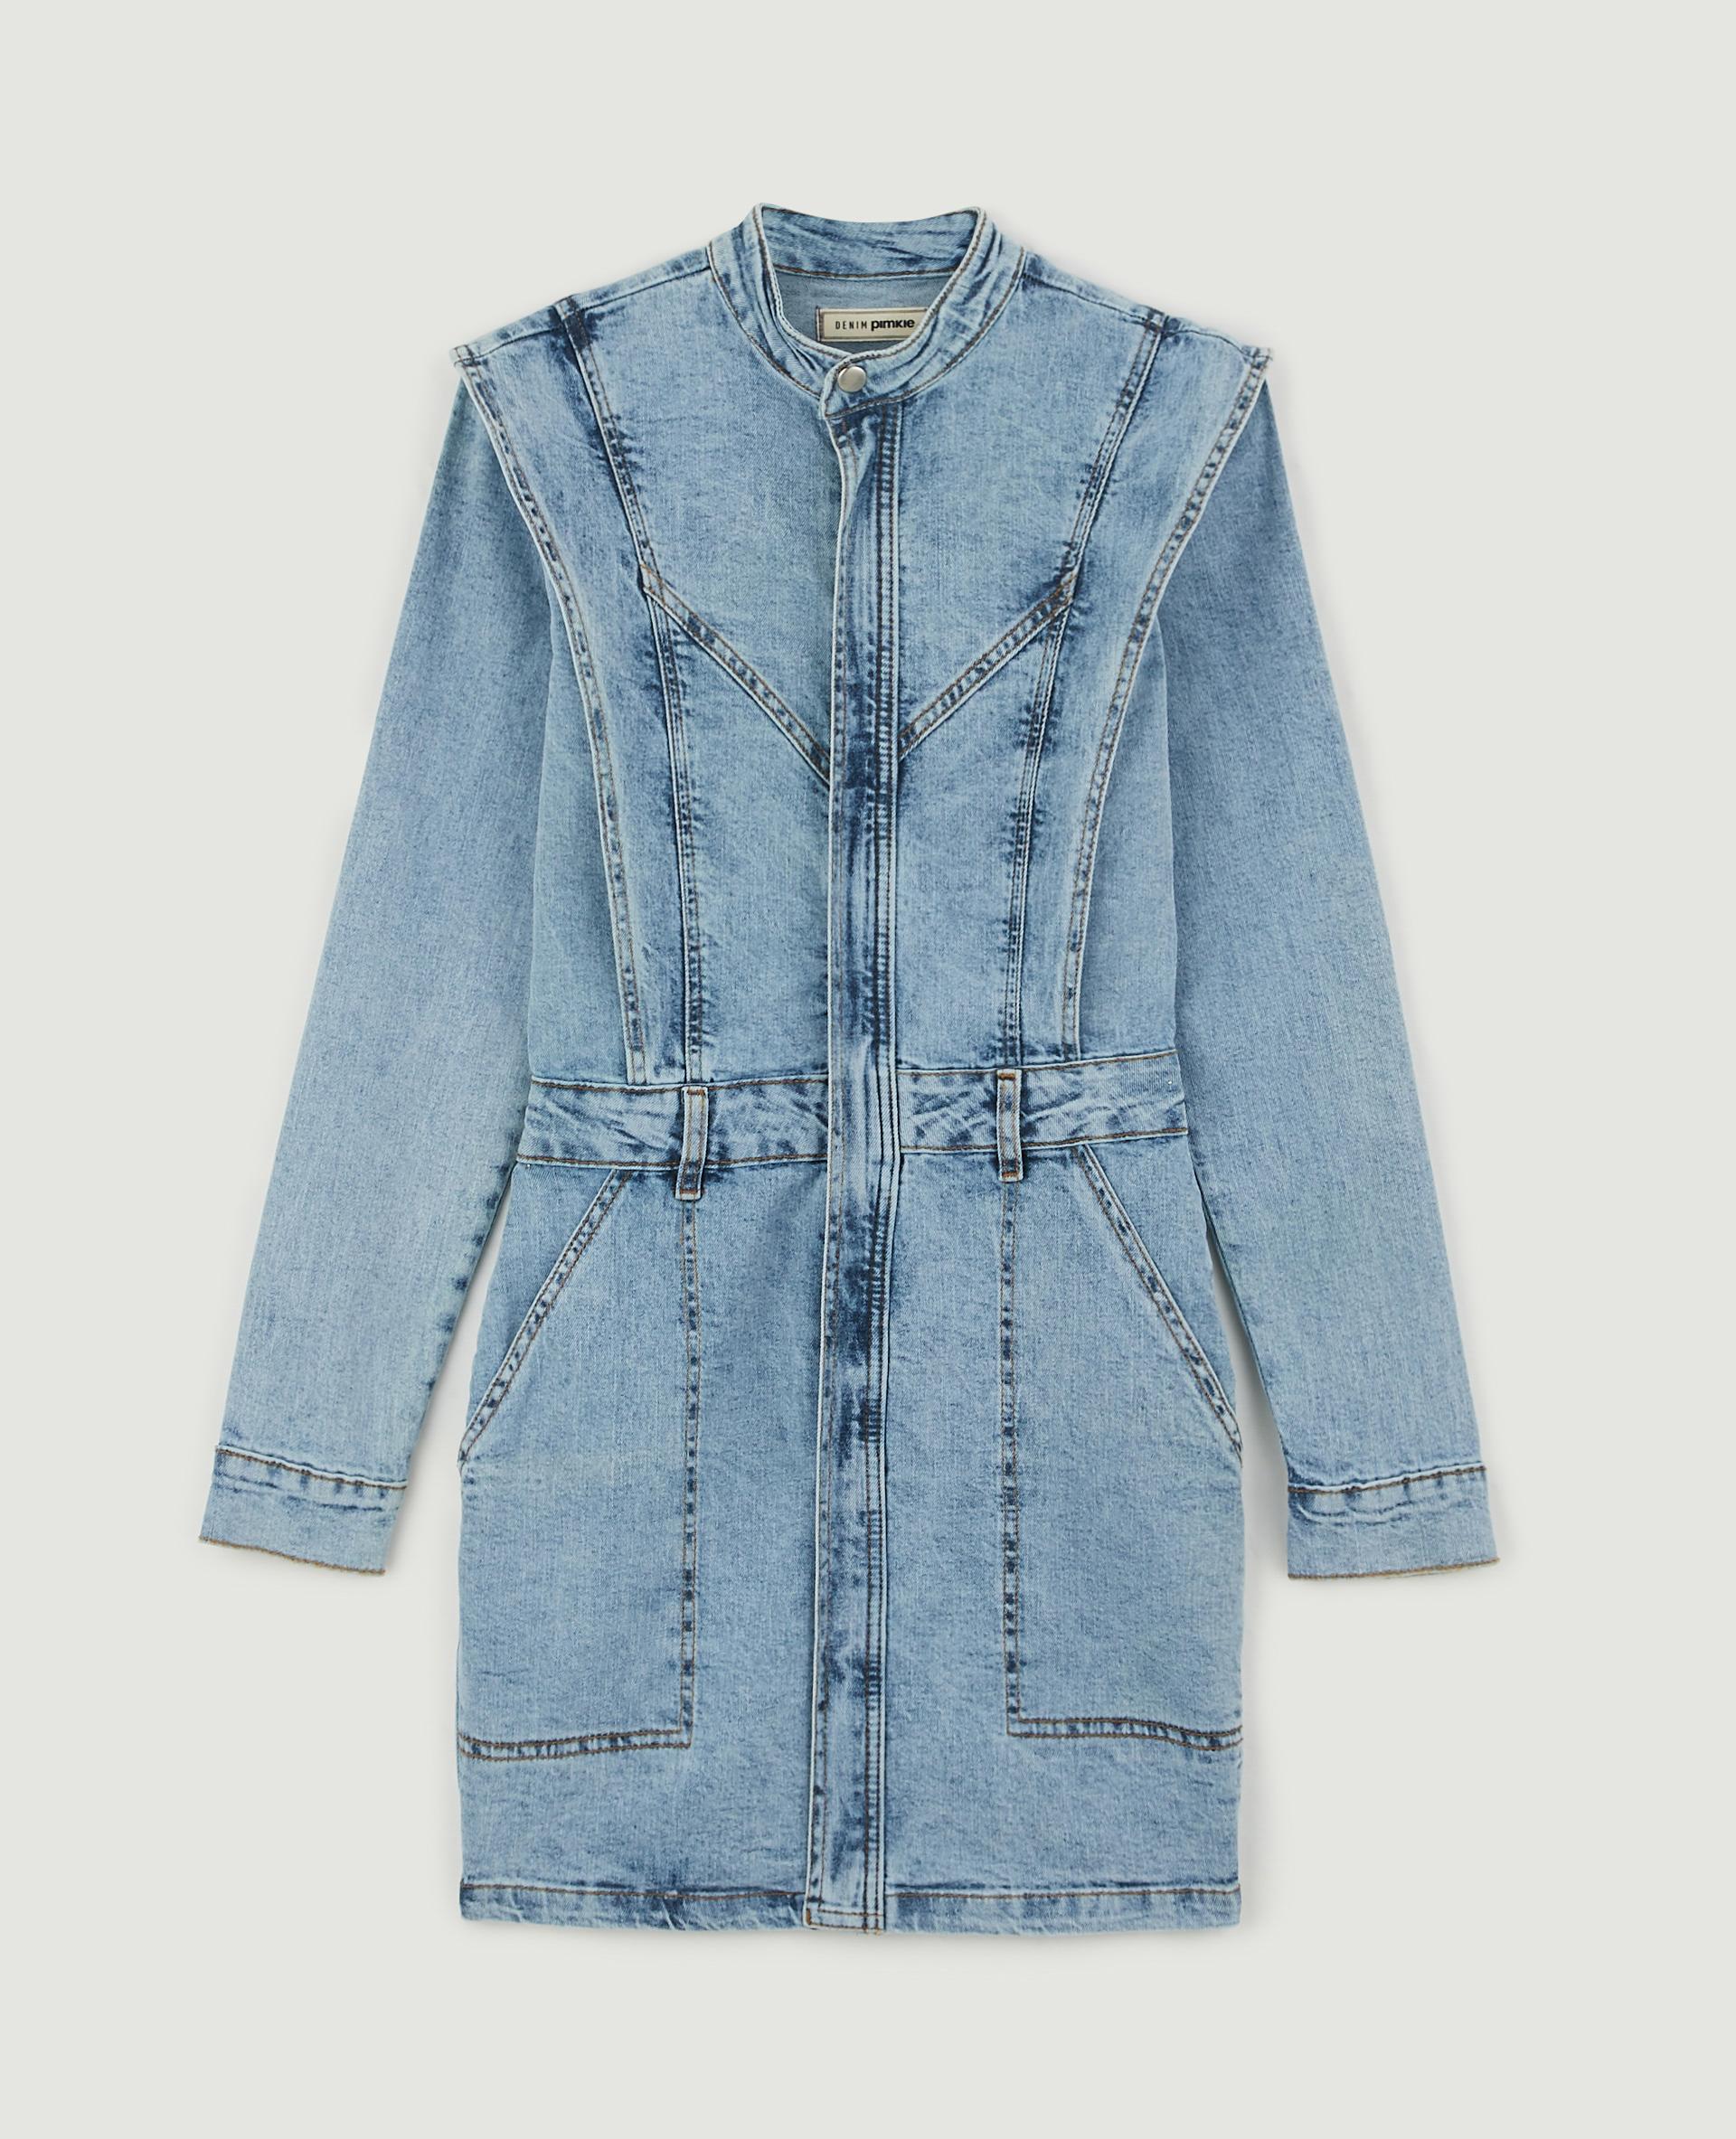 Robe en jean bleu - Pimkie